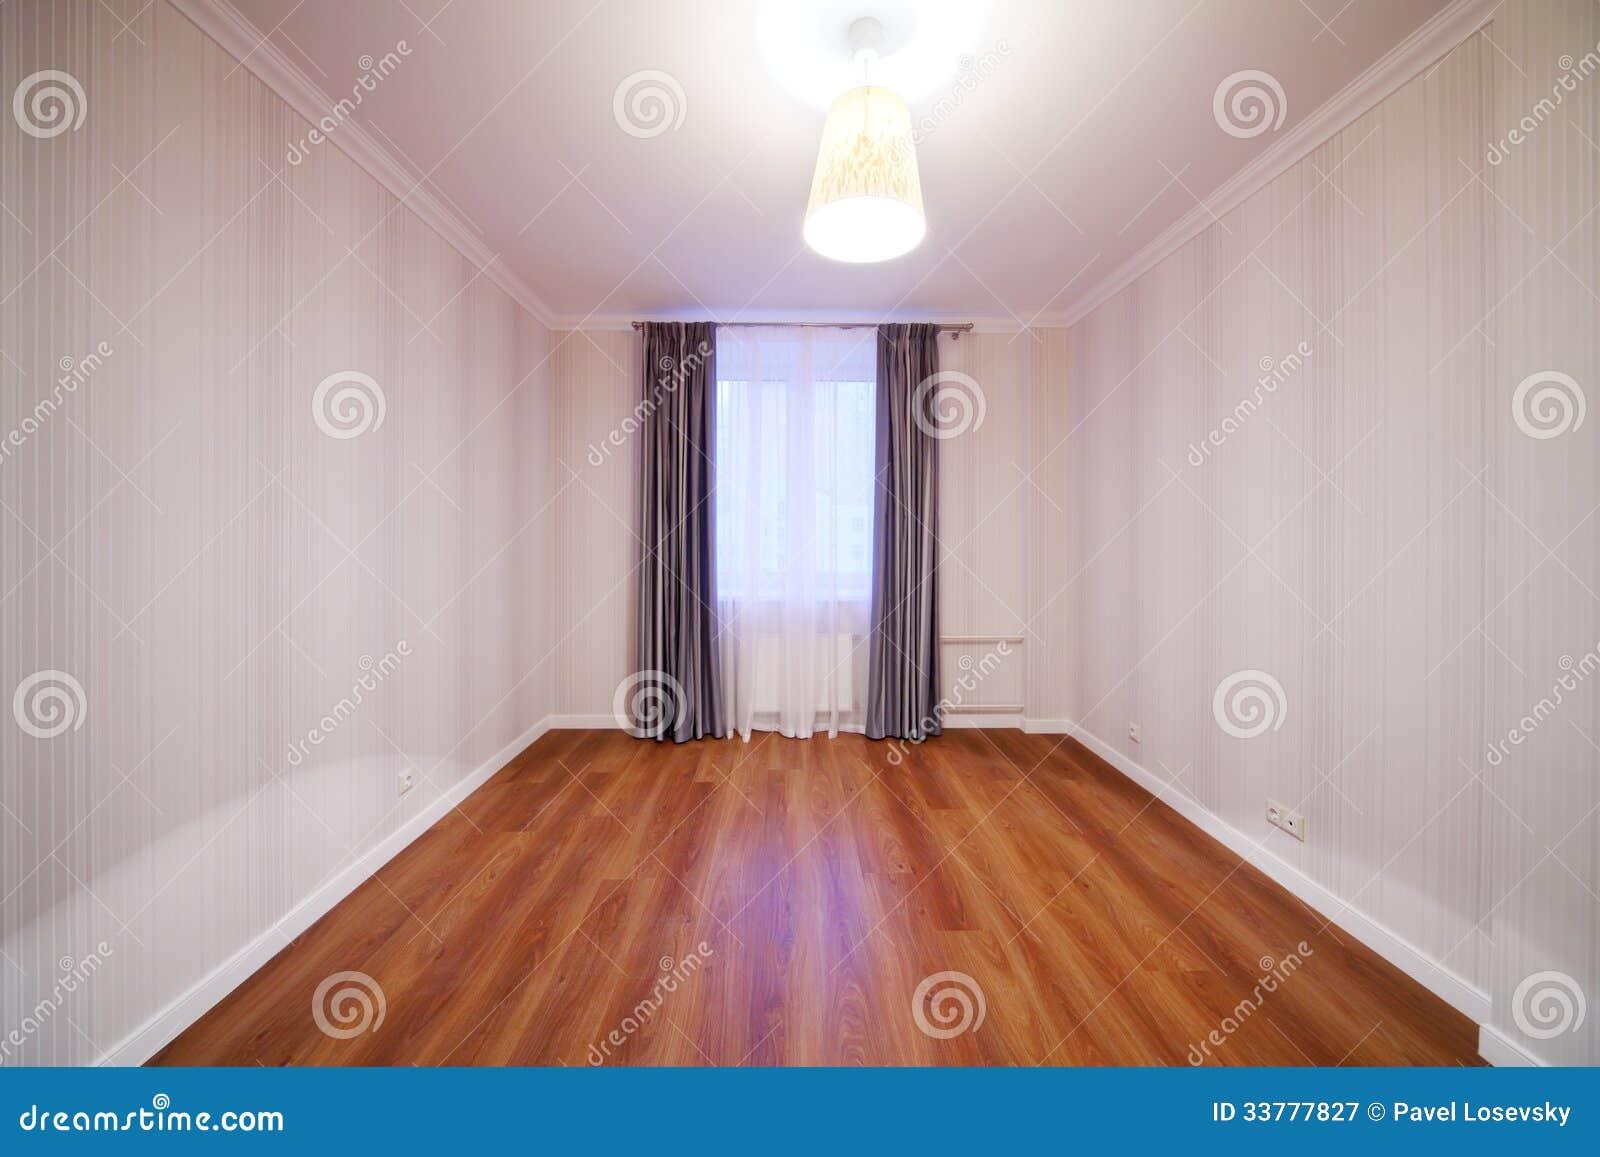 Heller Raum Mit Glanz Und Fenster Mit Vorhängen Stockbild Bild Von